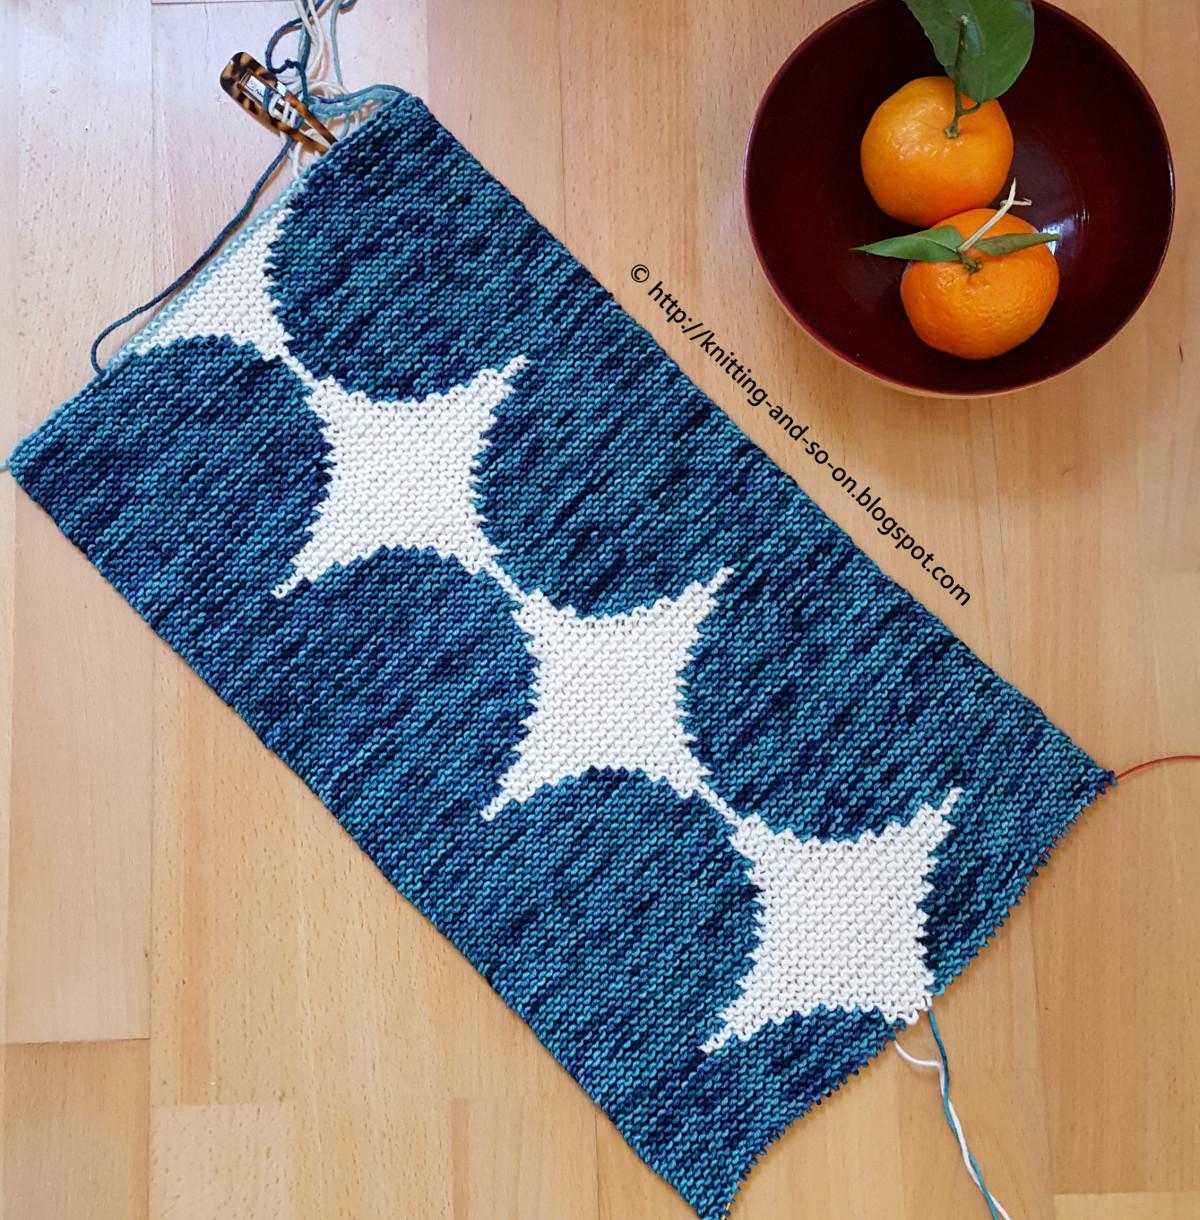 Knitting Intarsia : Knitting and so on attempt at intarsia